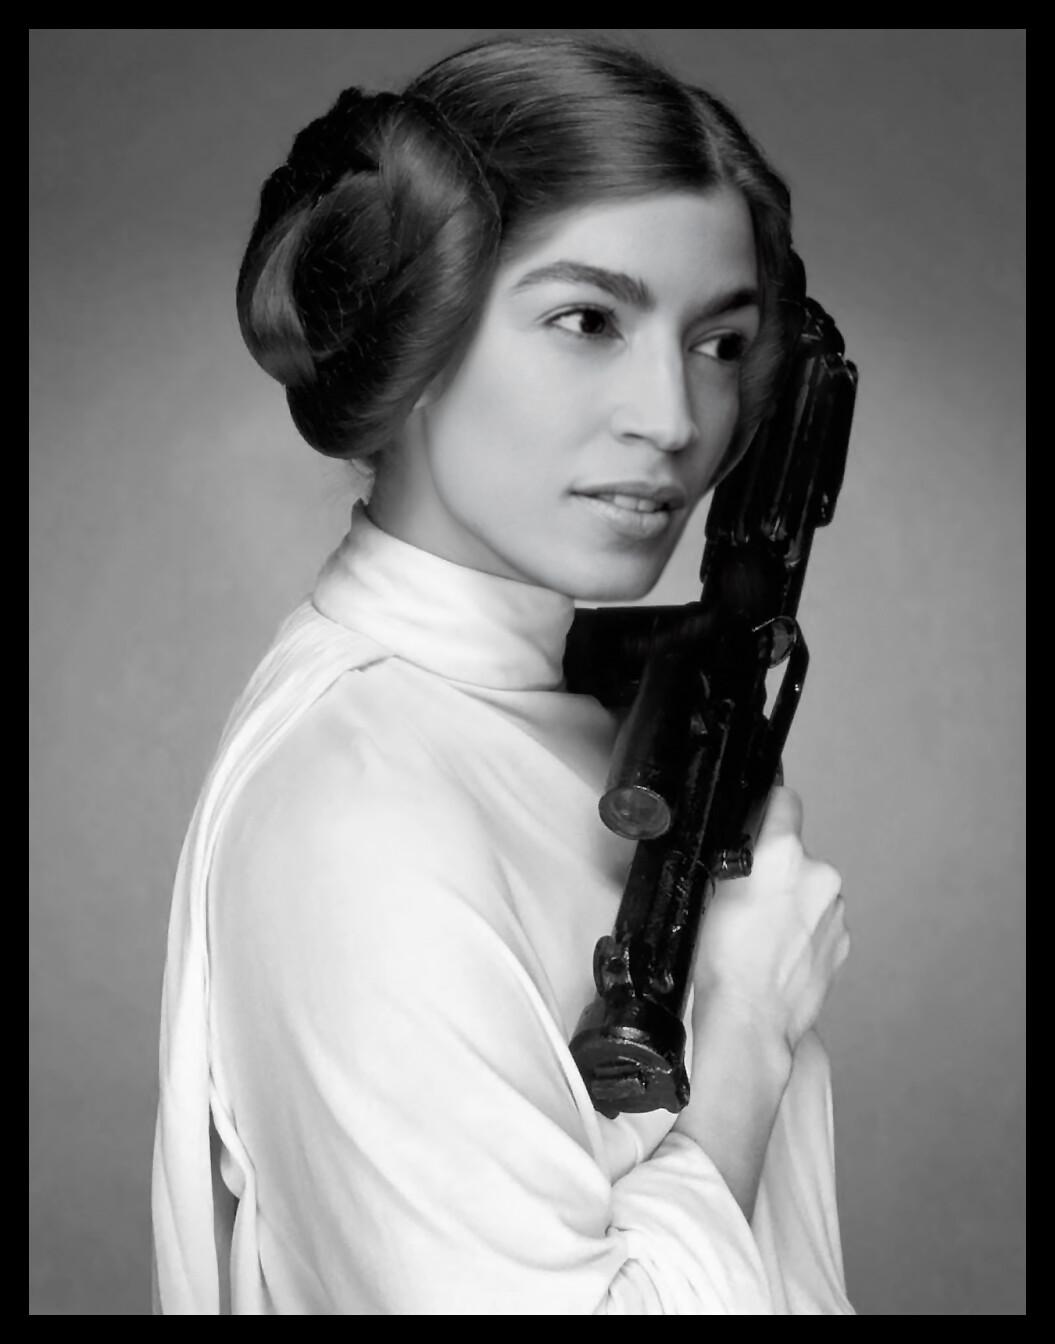 AOC into Princess Leia